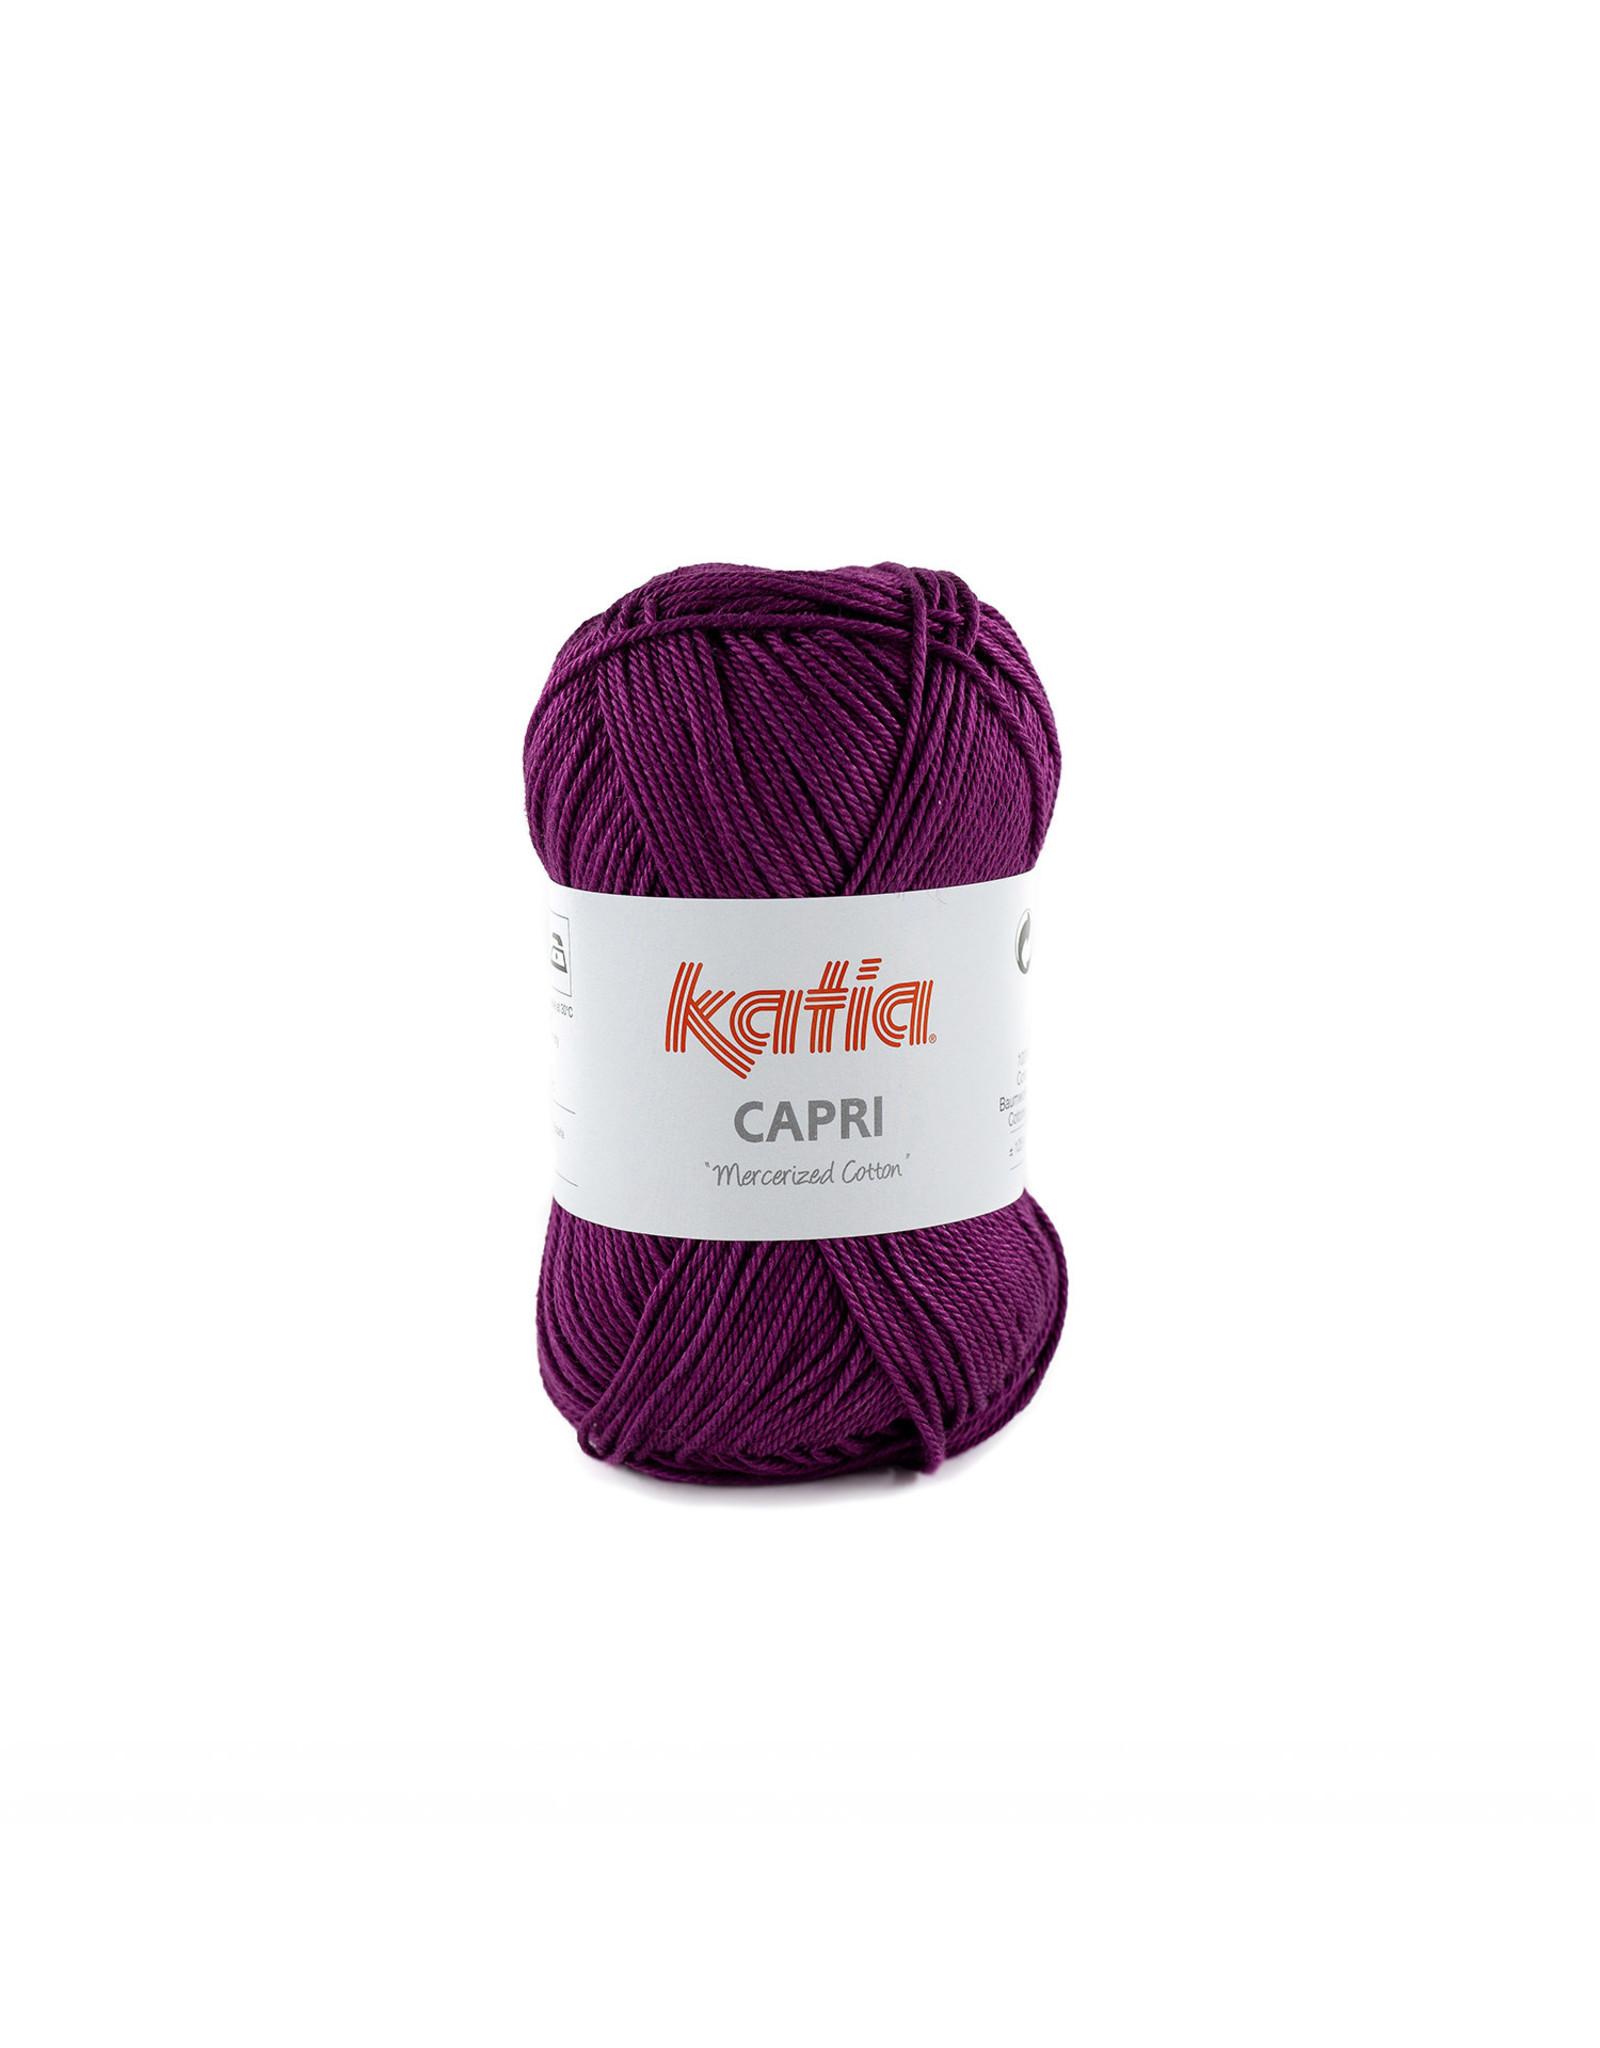 Katia Katia Capri - kleur 172 Parelmoer-lichtviolet - bundel 5 x 50 gr. / 125 m. - 100% katoen